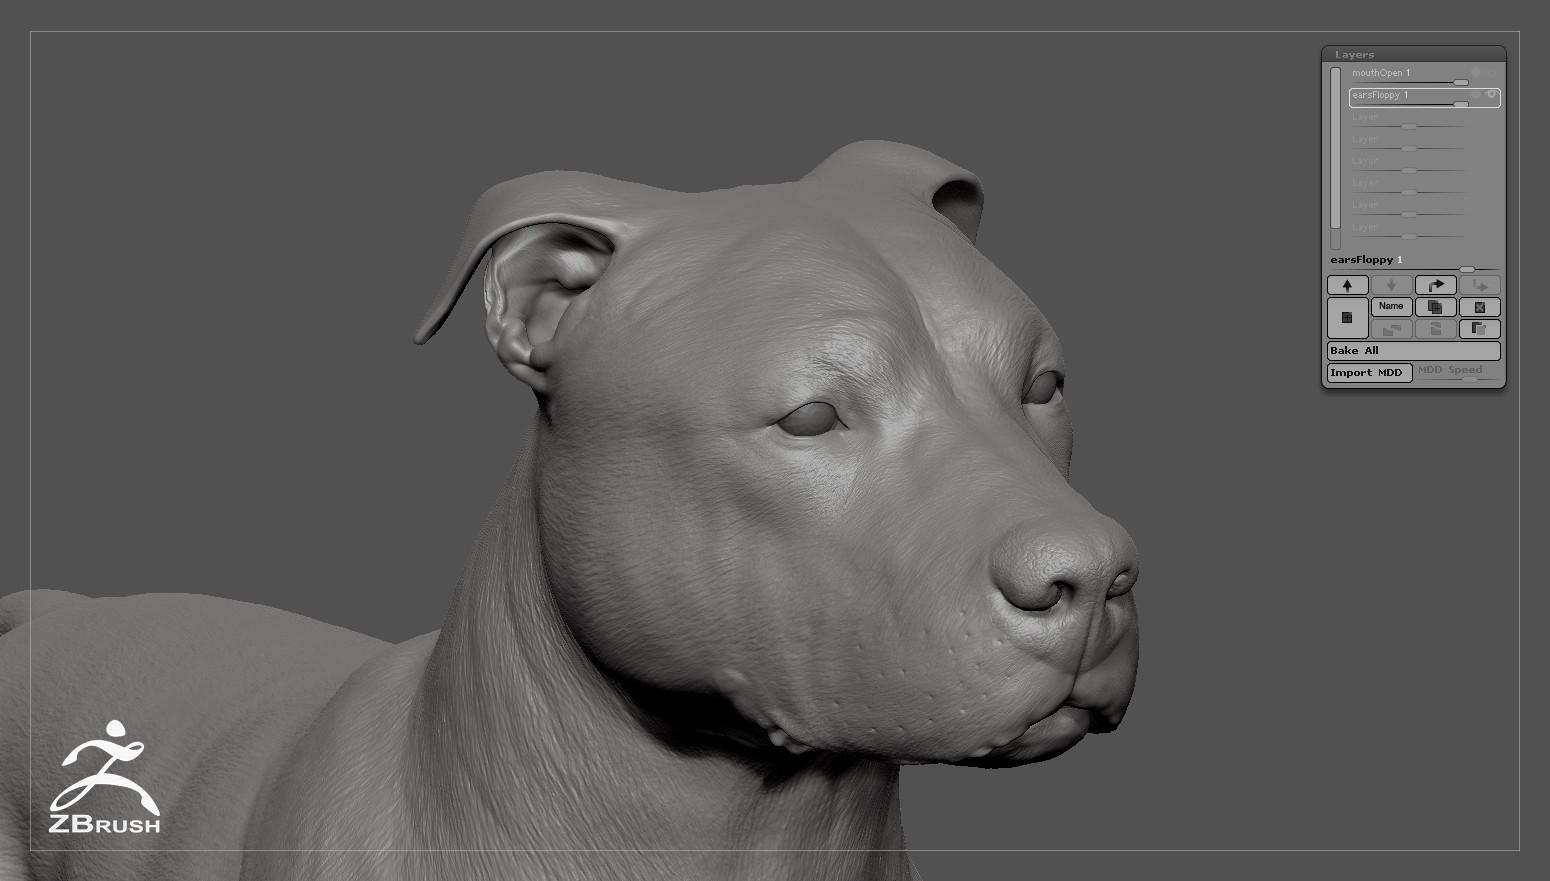 Pitbull by alexlashko zbrush 08